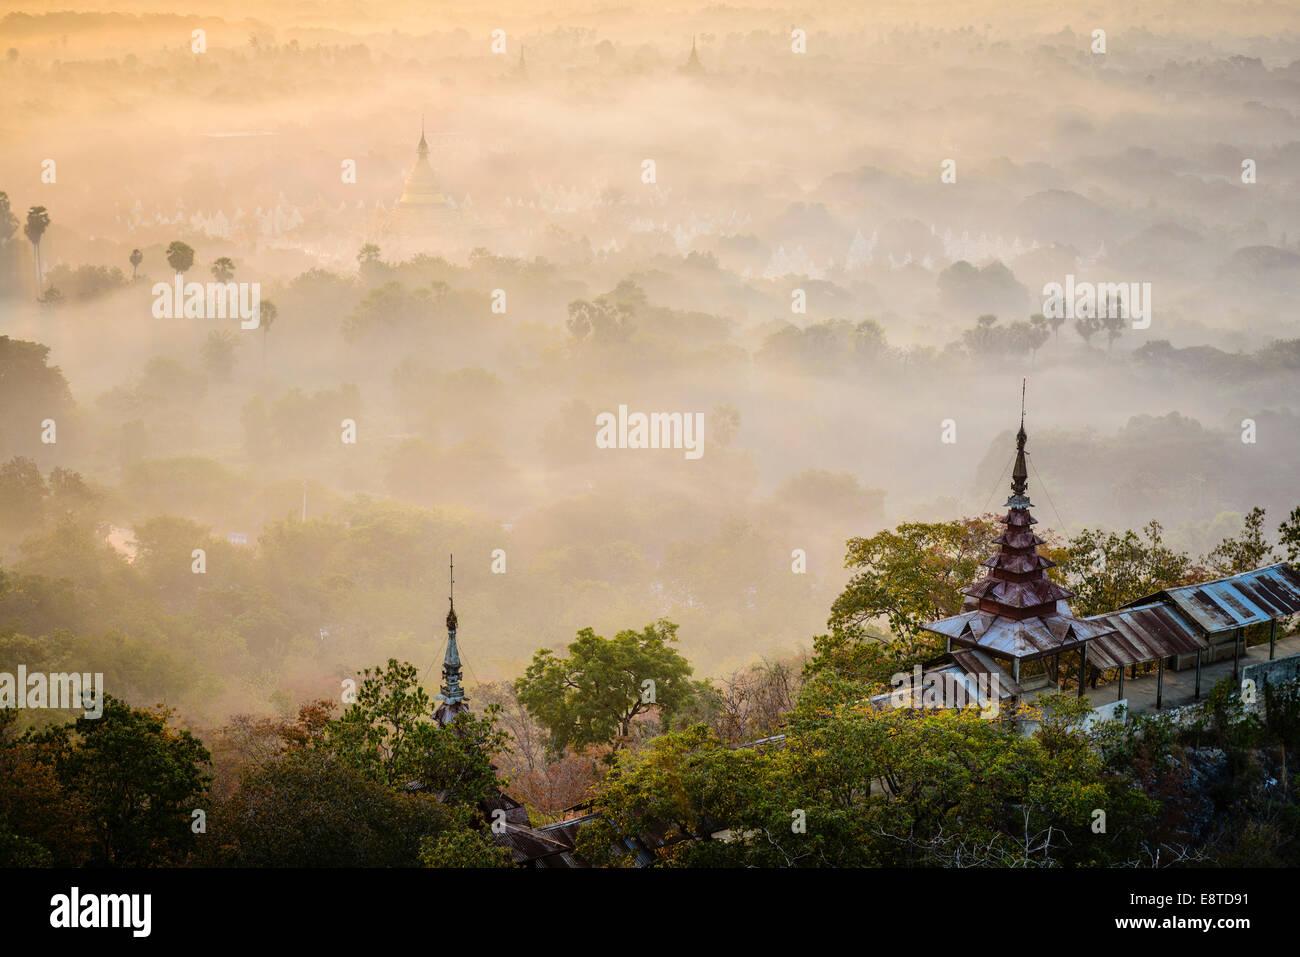 Nebel über Baumwipfel, Myanmar, Mandalay, Myanmar Stockbild